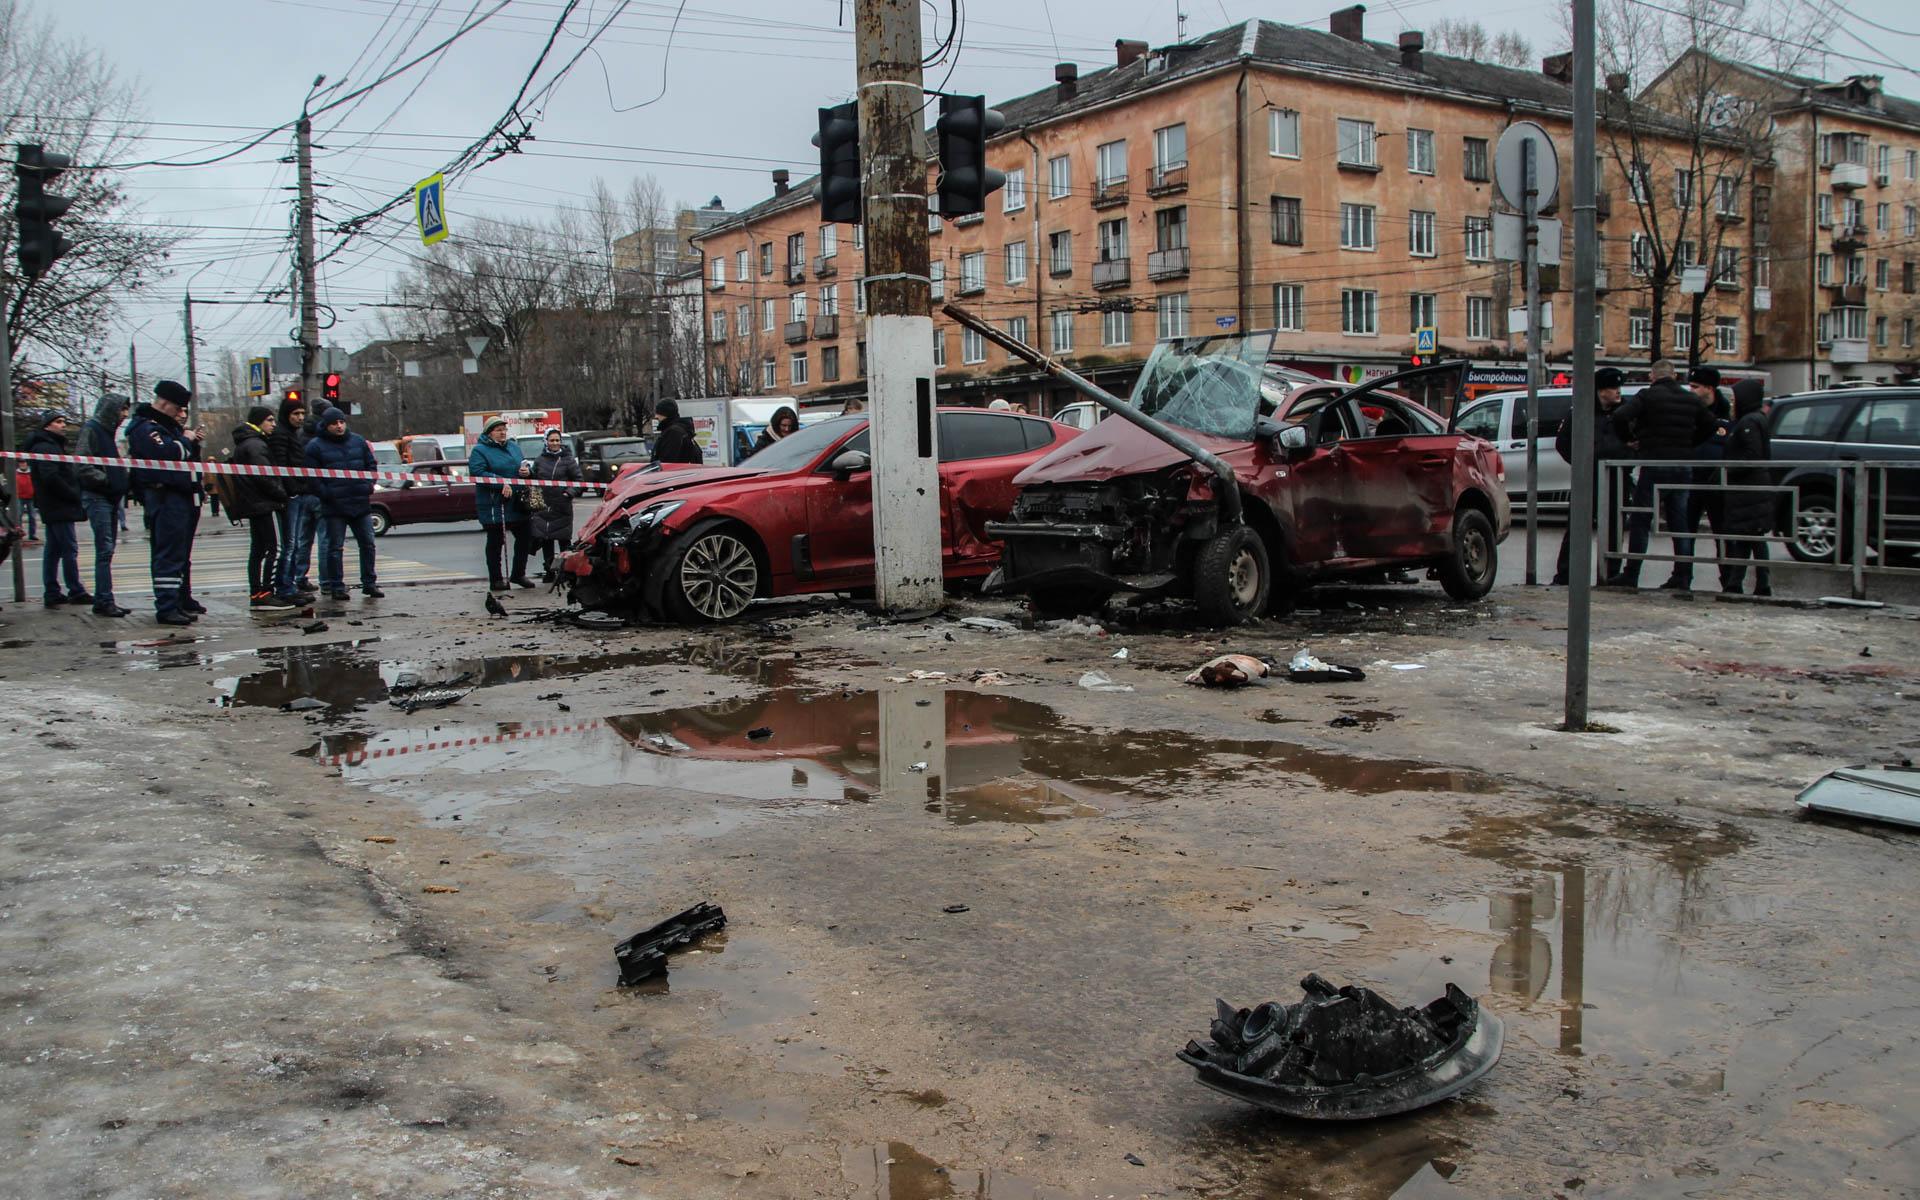 Защита обжаловала арест участника жуткого ДТП на Волоколамке в Твери - новости Афанасий